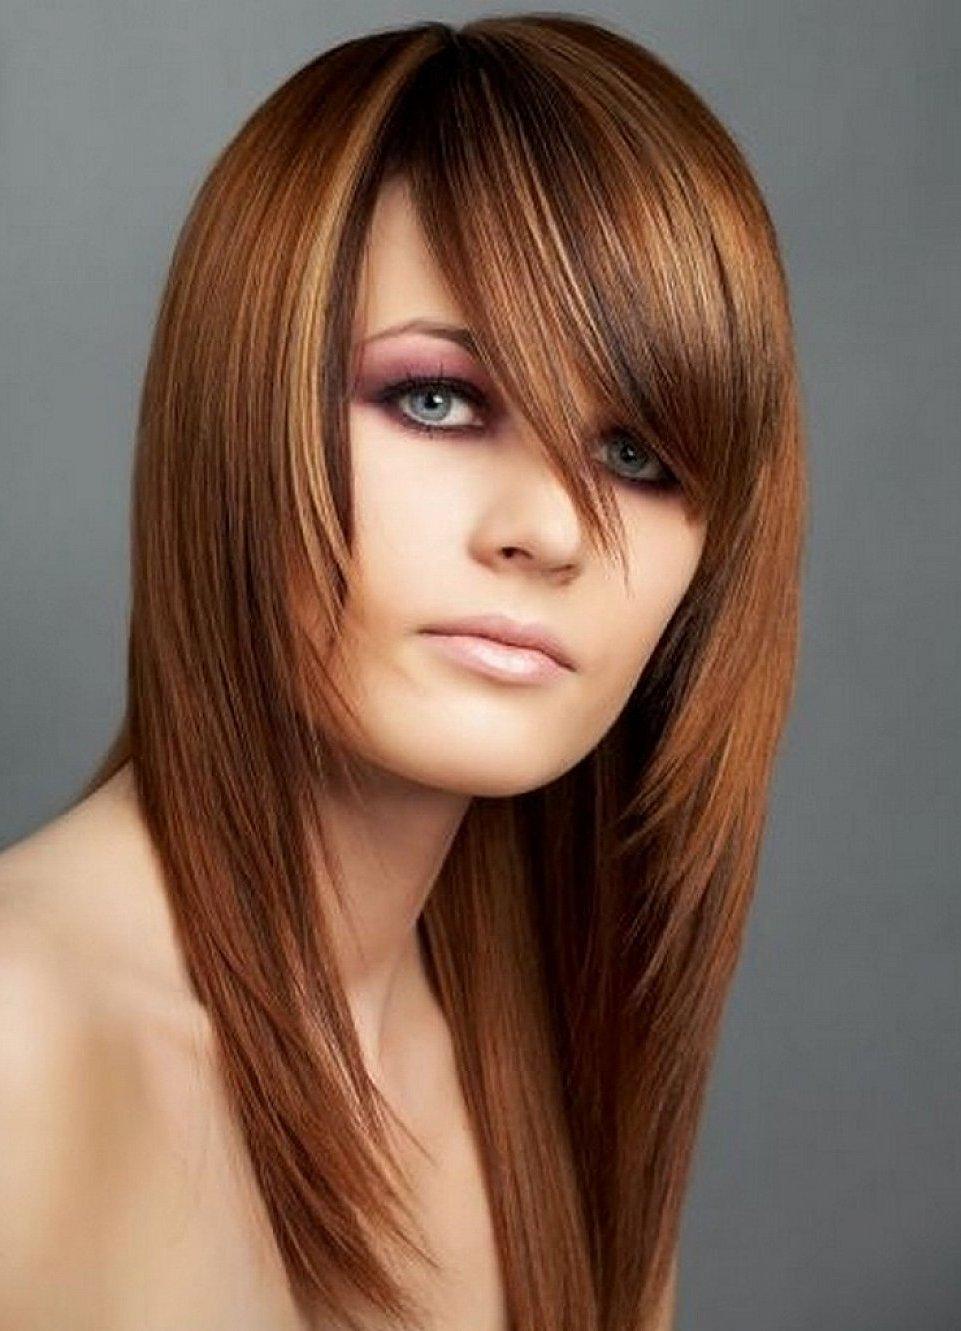 Стрижка женская на длинные волосы с косой челкой